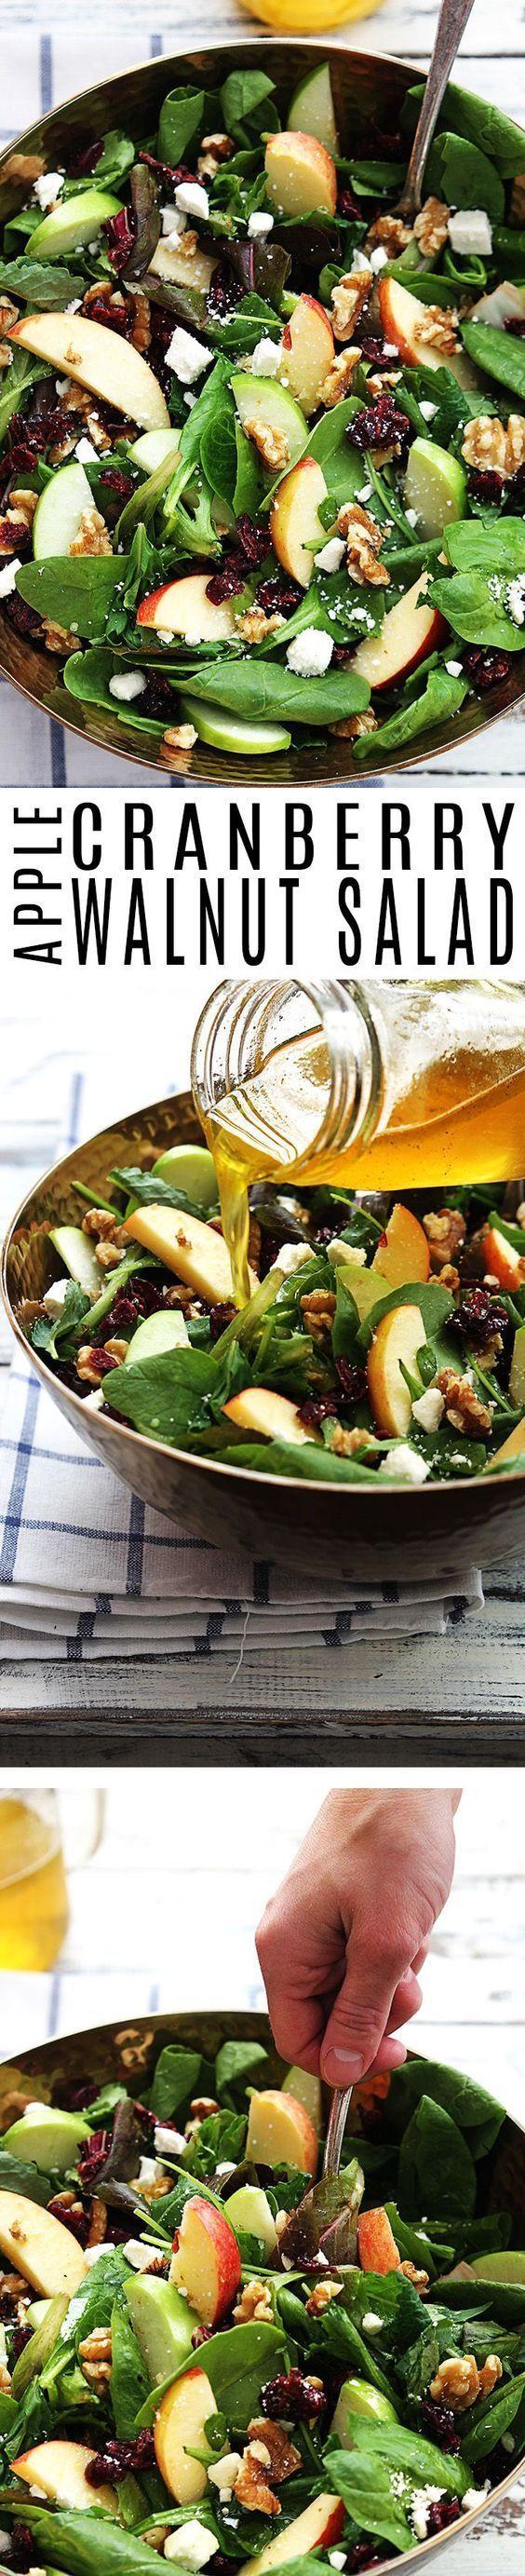 Apple Cranberry Walnut Salad Recipe via Creme De La Crumb